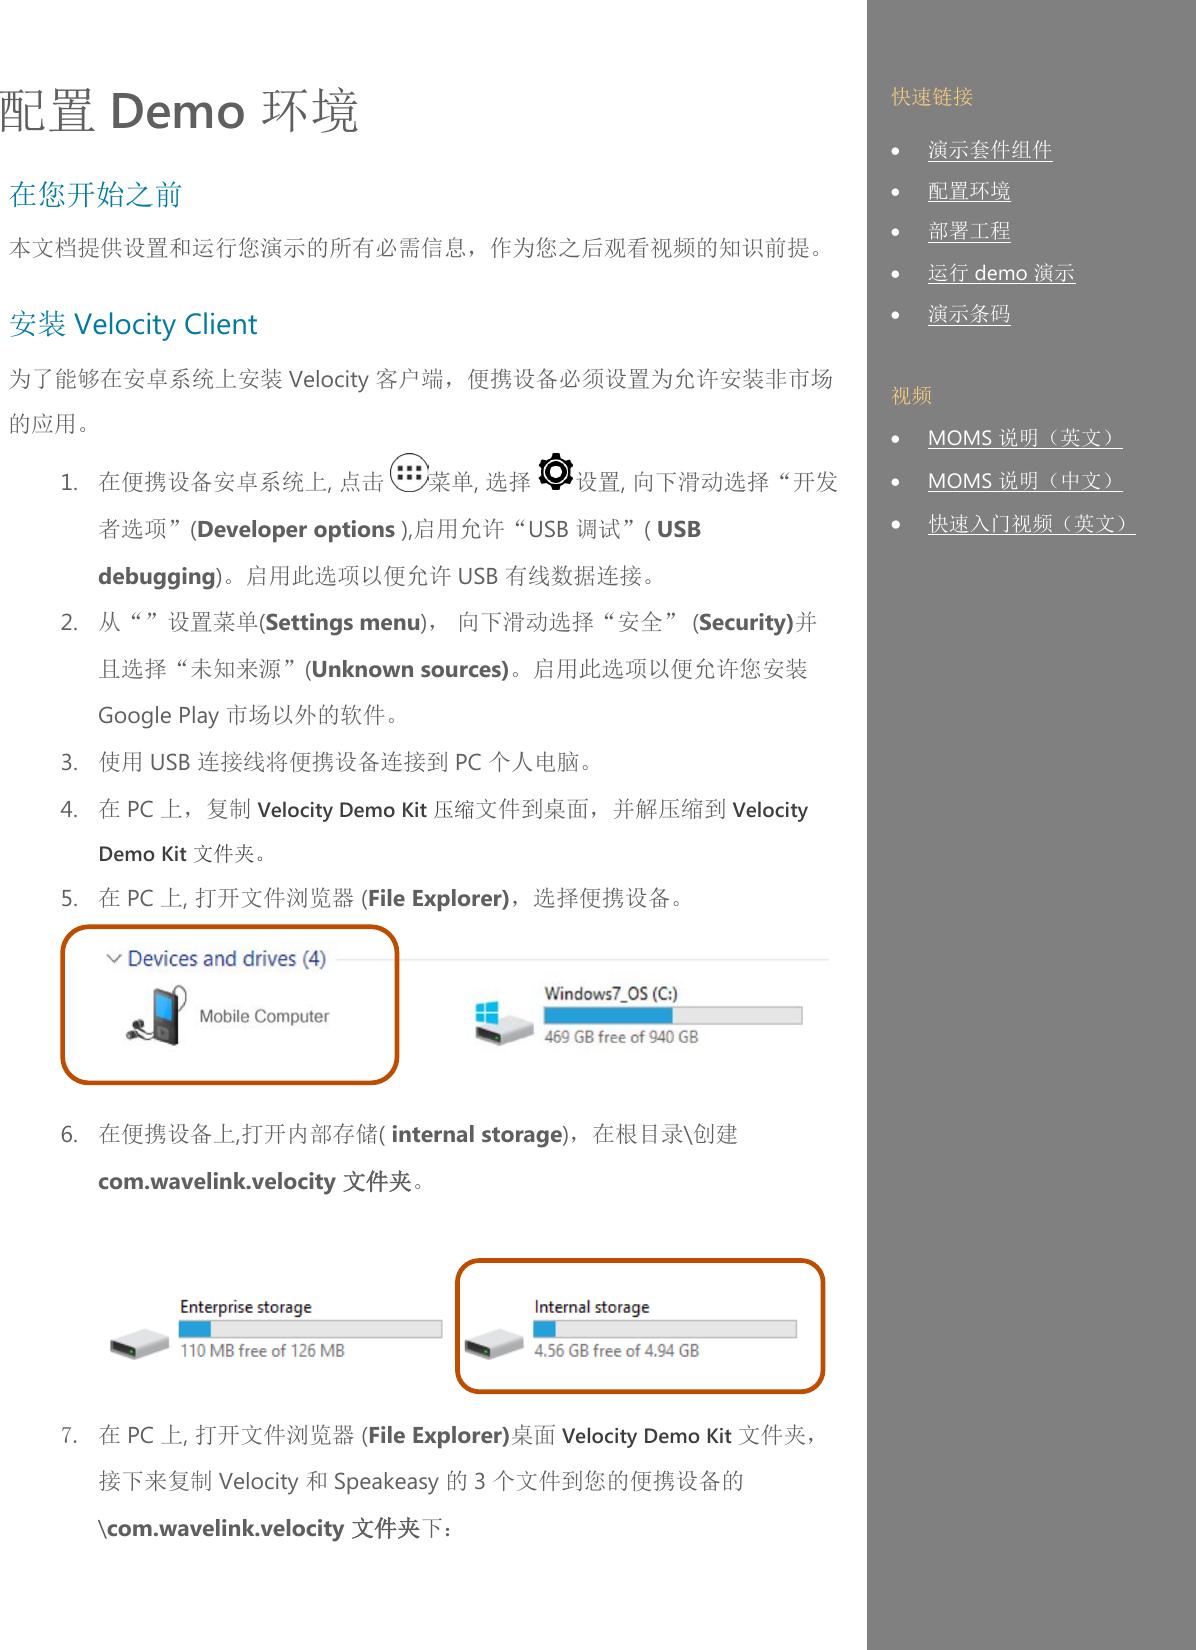 VL Demo Guide V2 1 Chinese